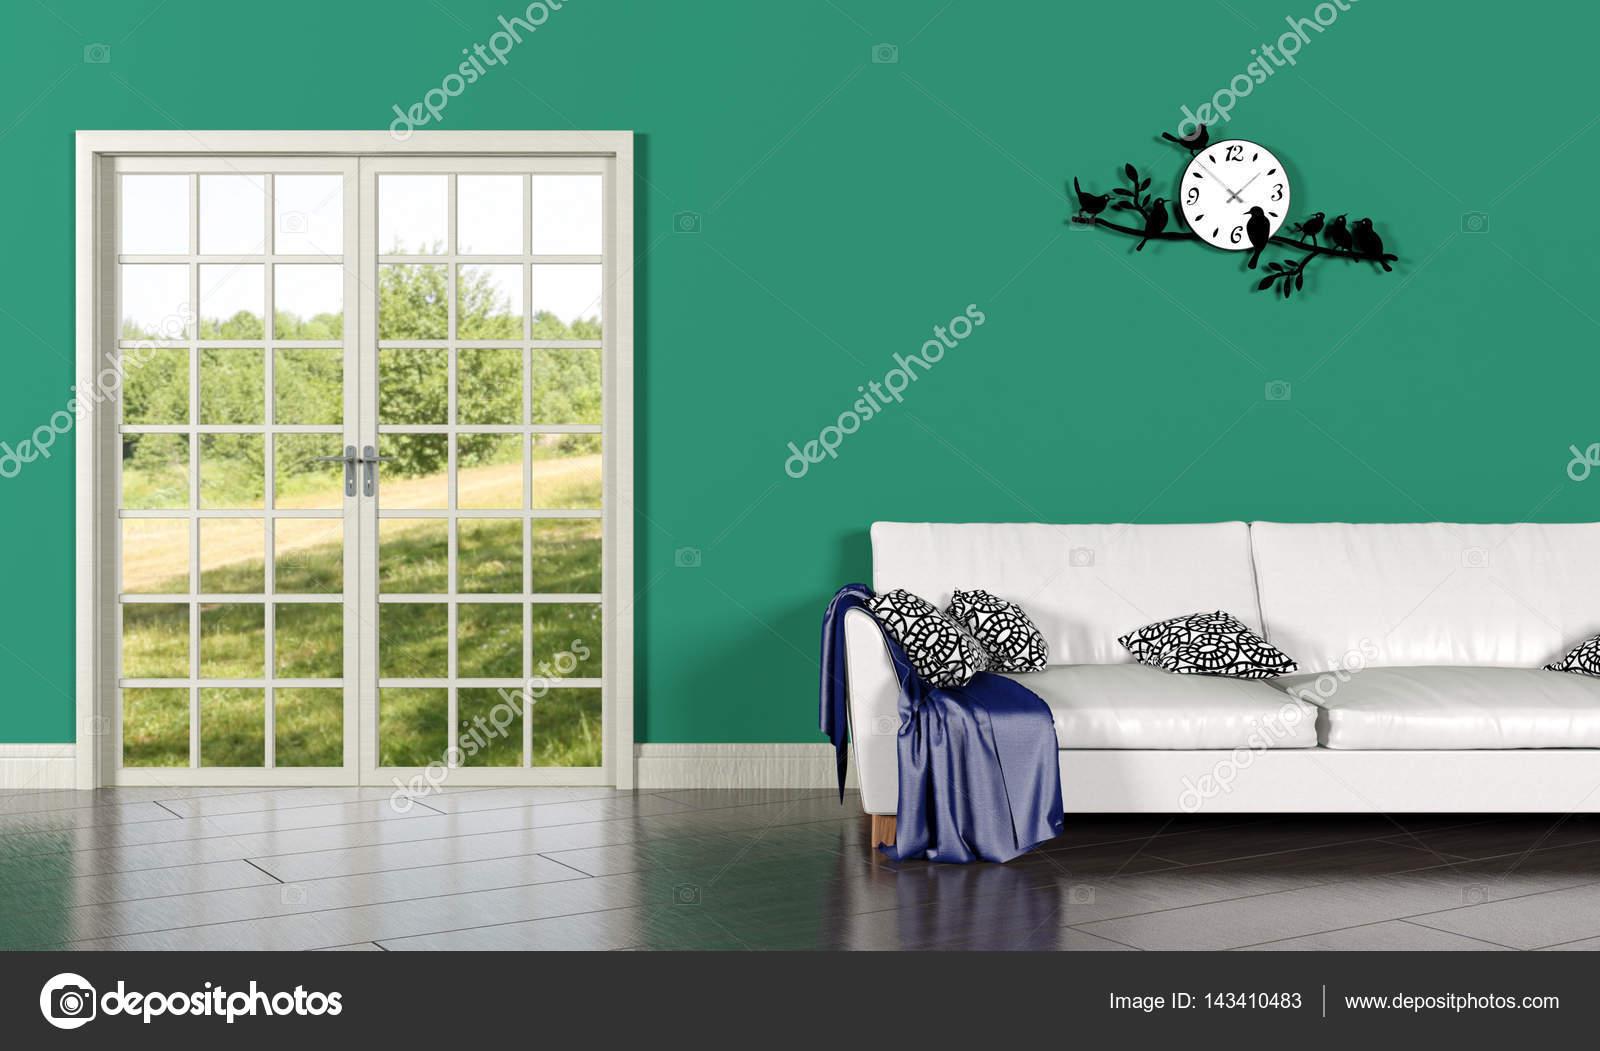 Woonkamer interieur met groene muur — Stockfoto © geerati@gmail.com ...